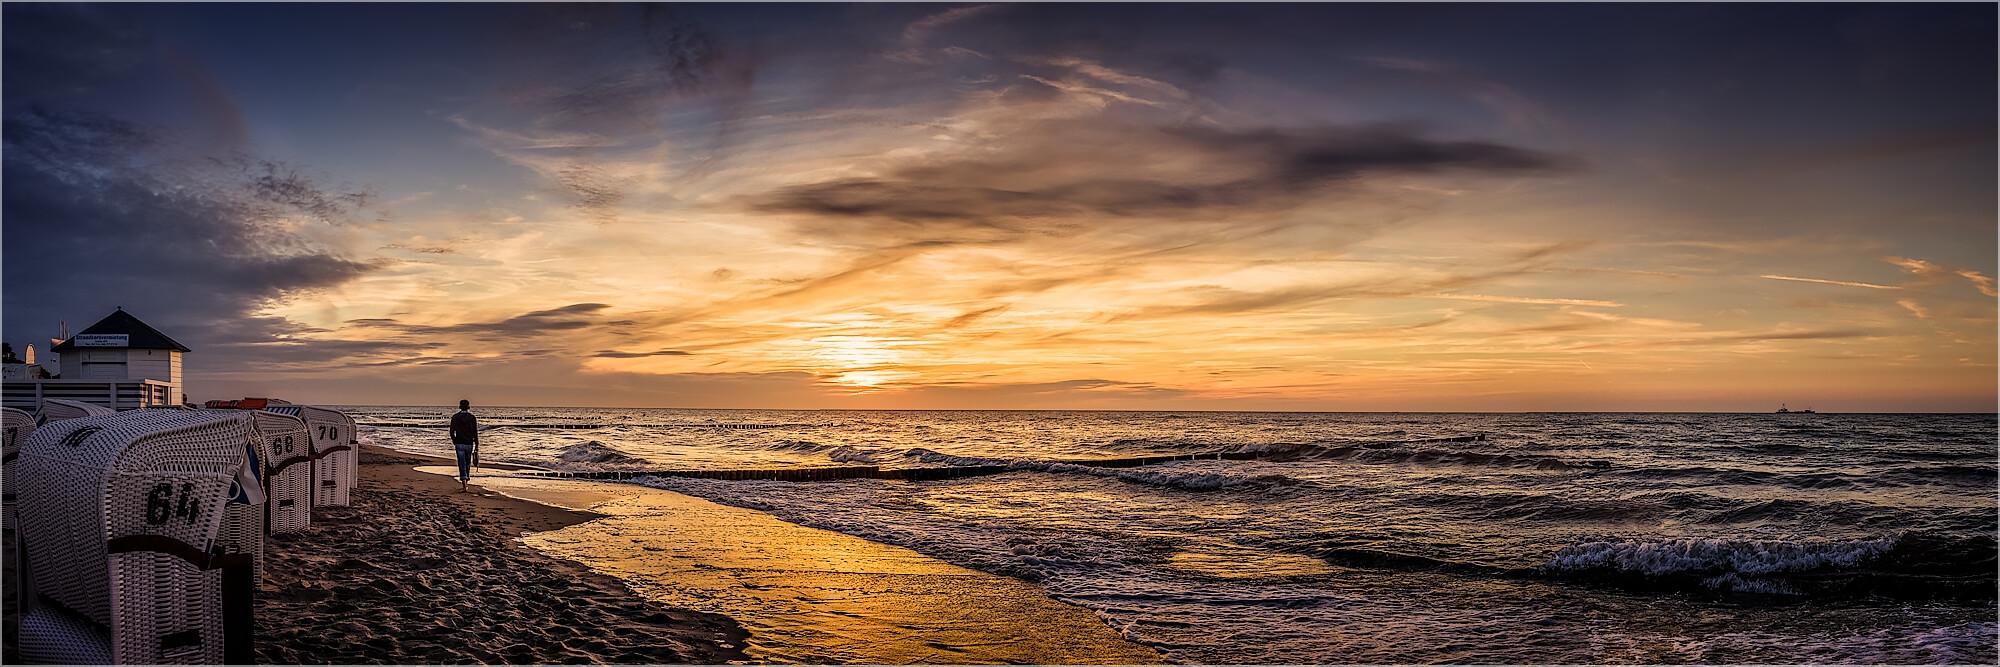 Panoramabild abends am Strand von Boltenhagen